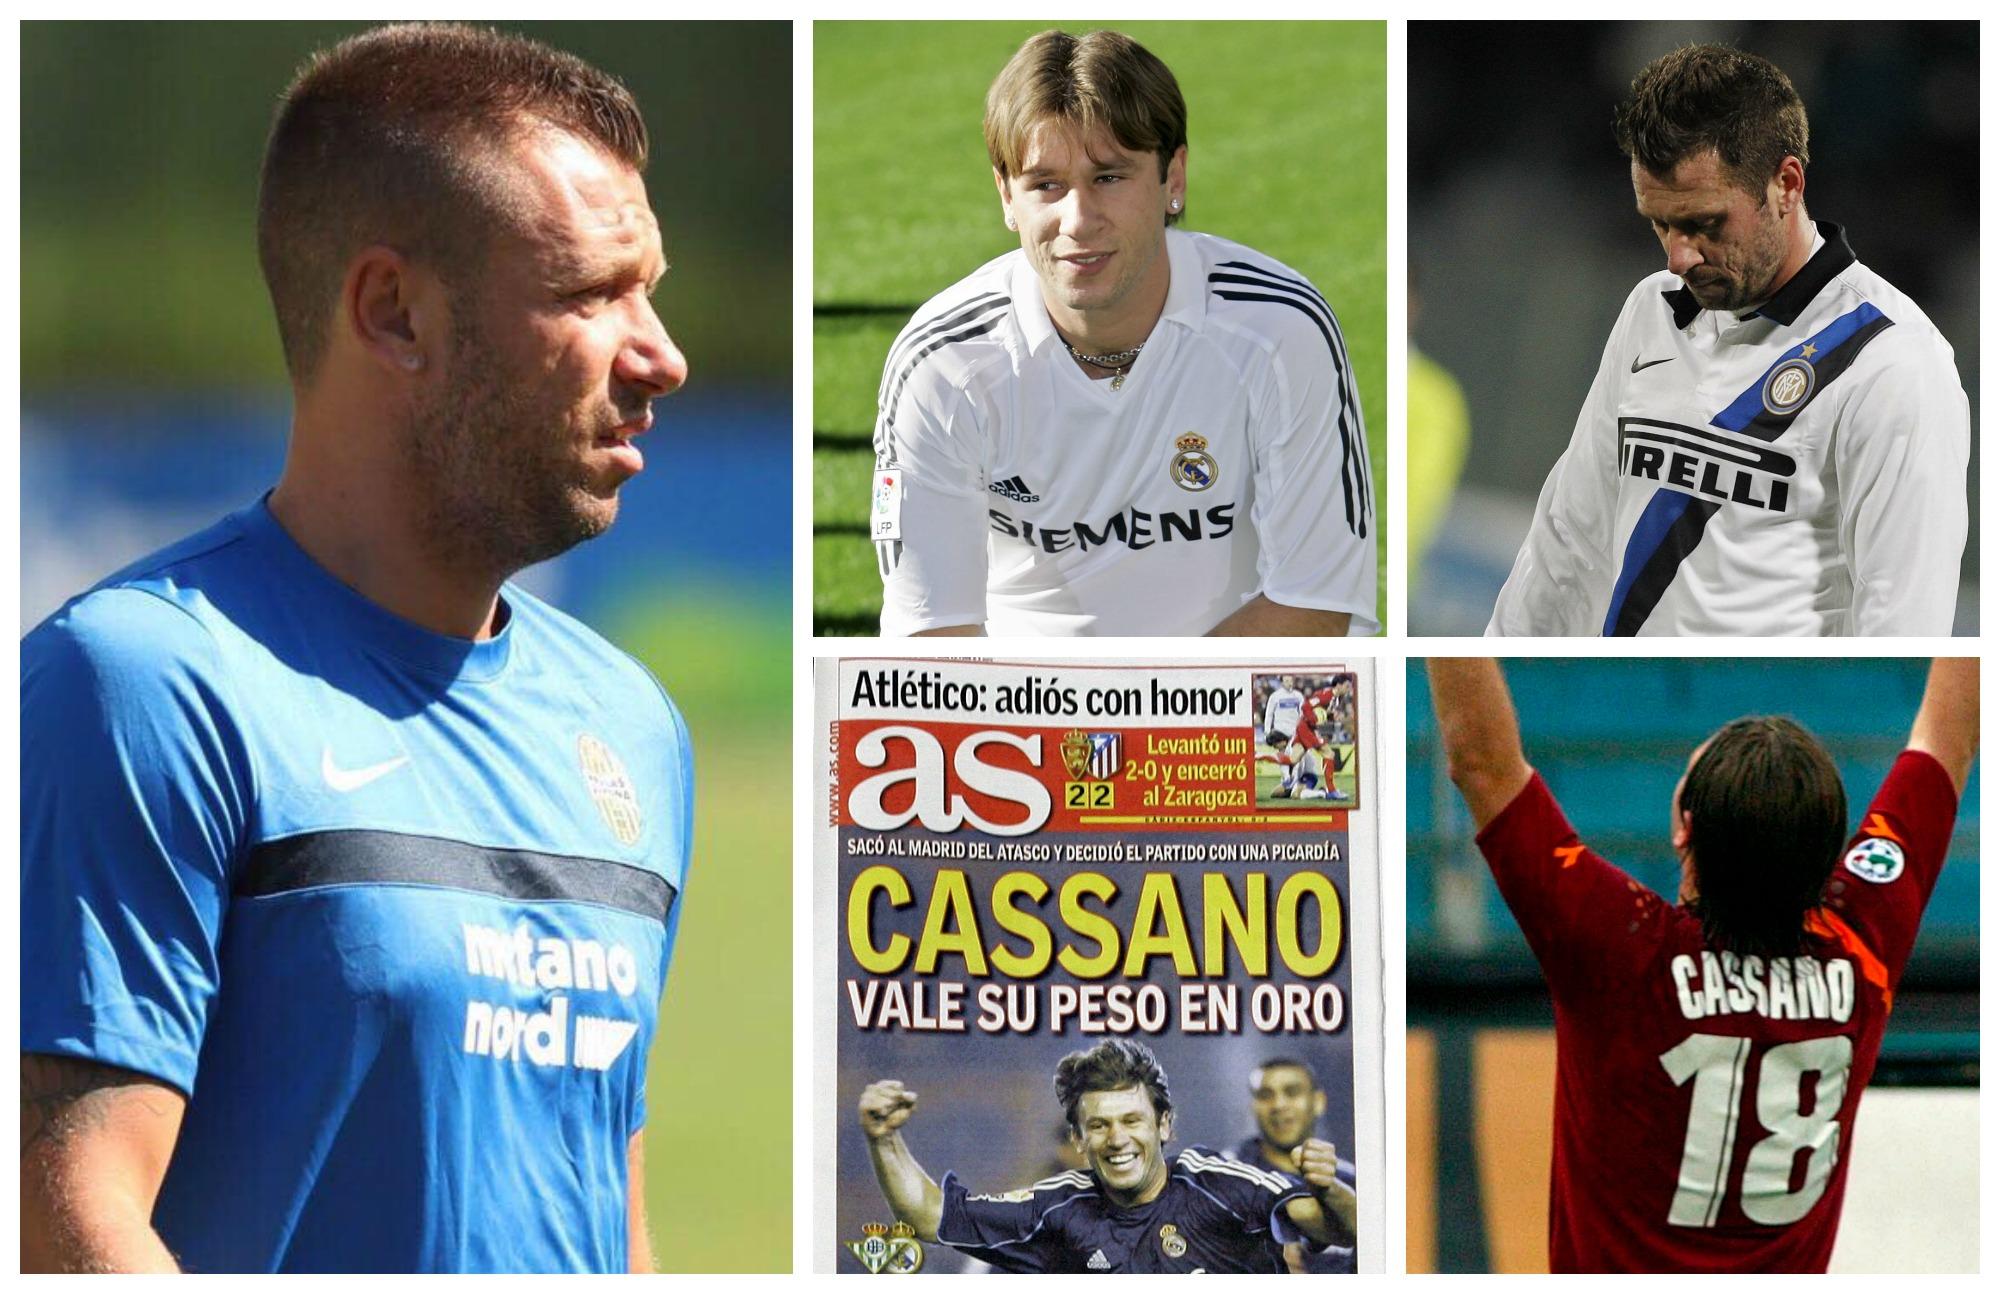 'FantAntonio' Cassano se retira; la promesa italiana que se extravió en la fiesta